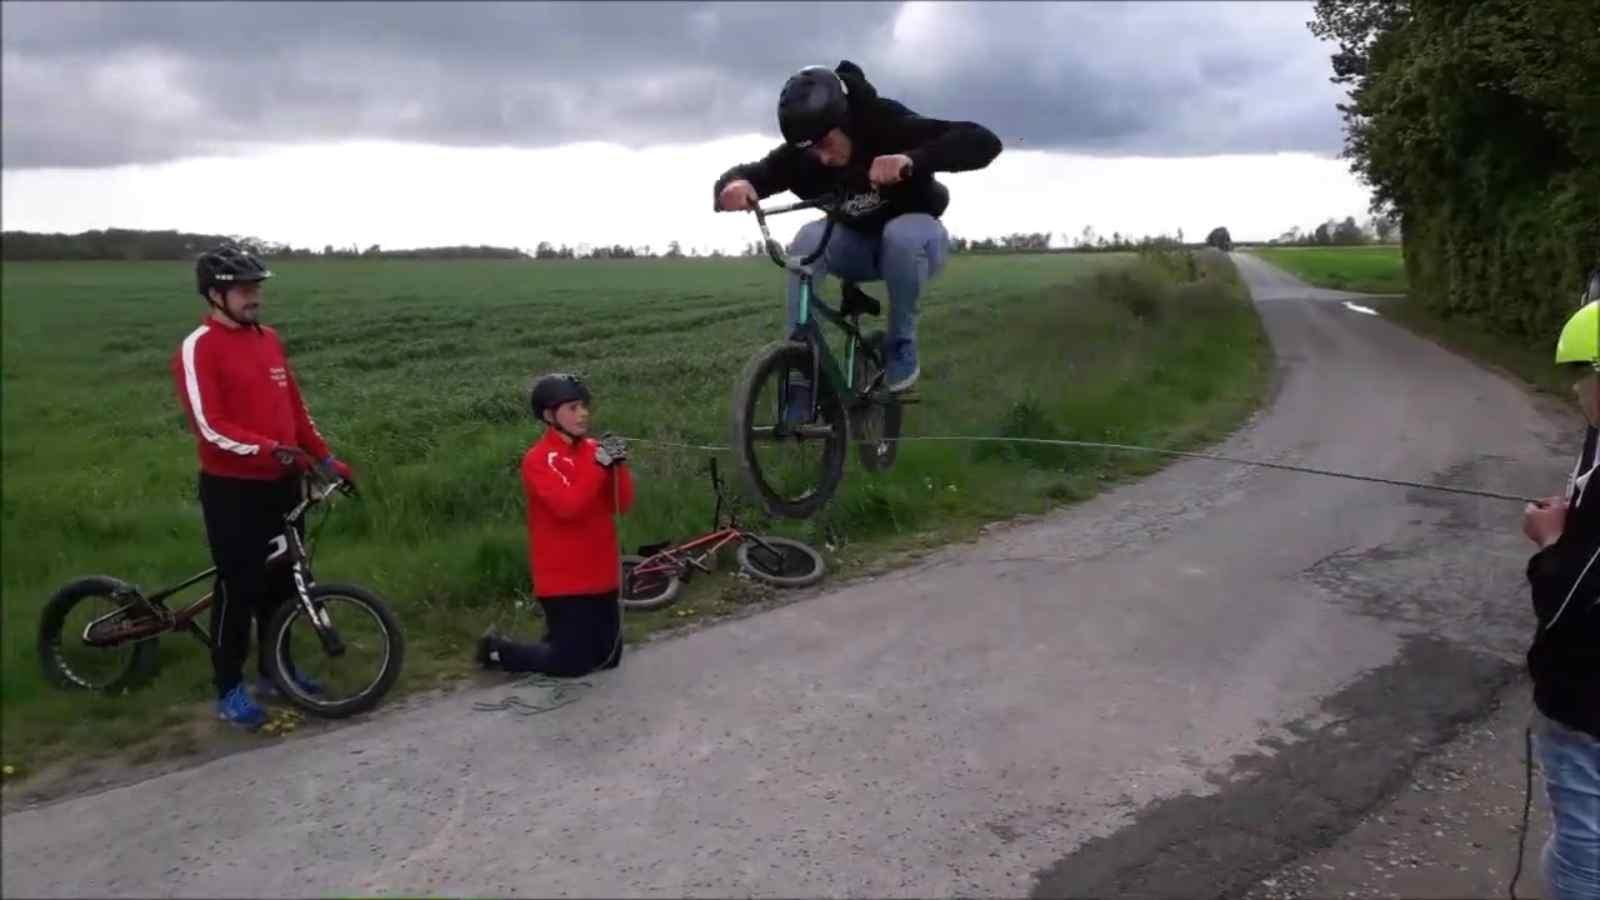 Bikepark Workshop Anröchte mit Matthias Dettki, Daniel Rall & Tim Monforte